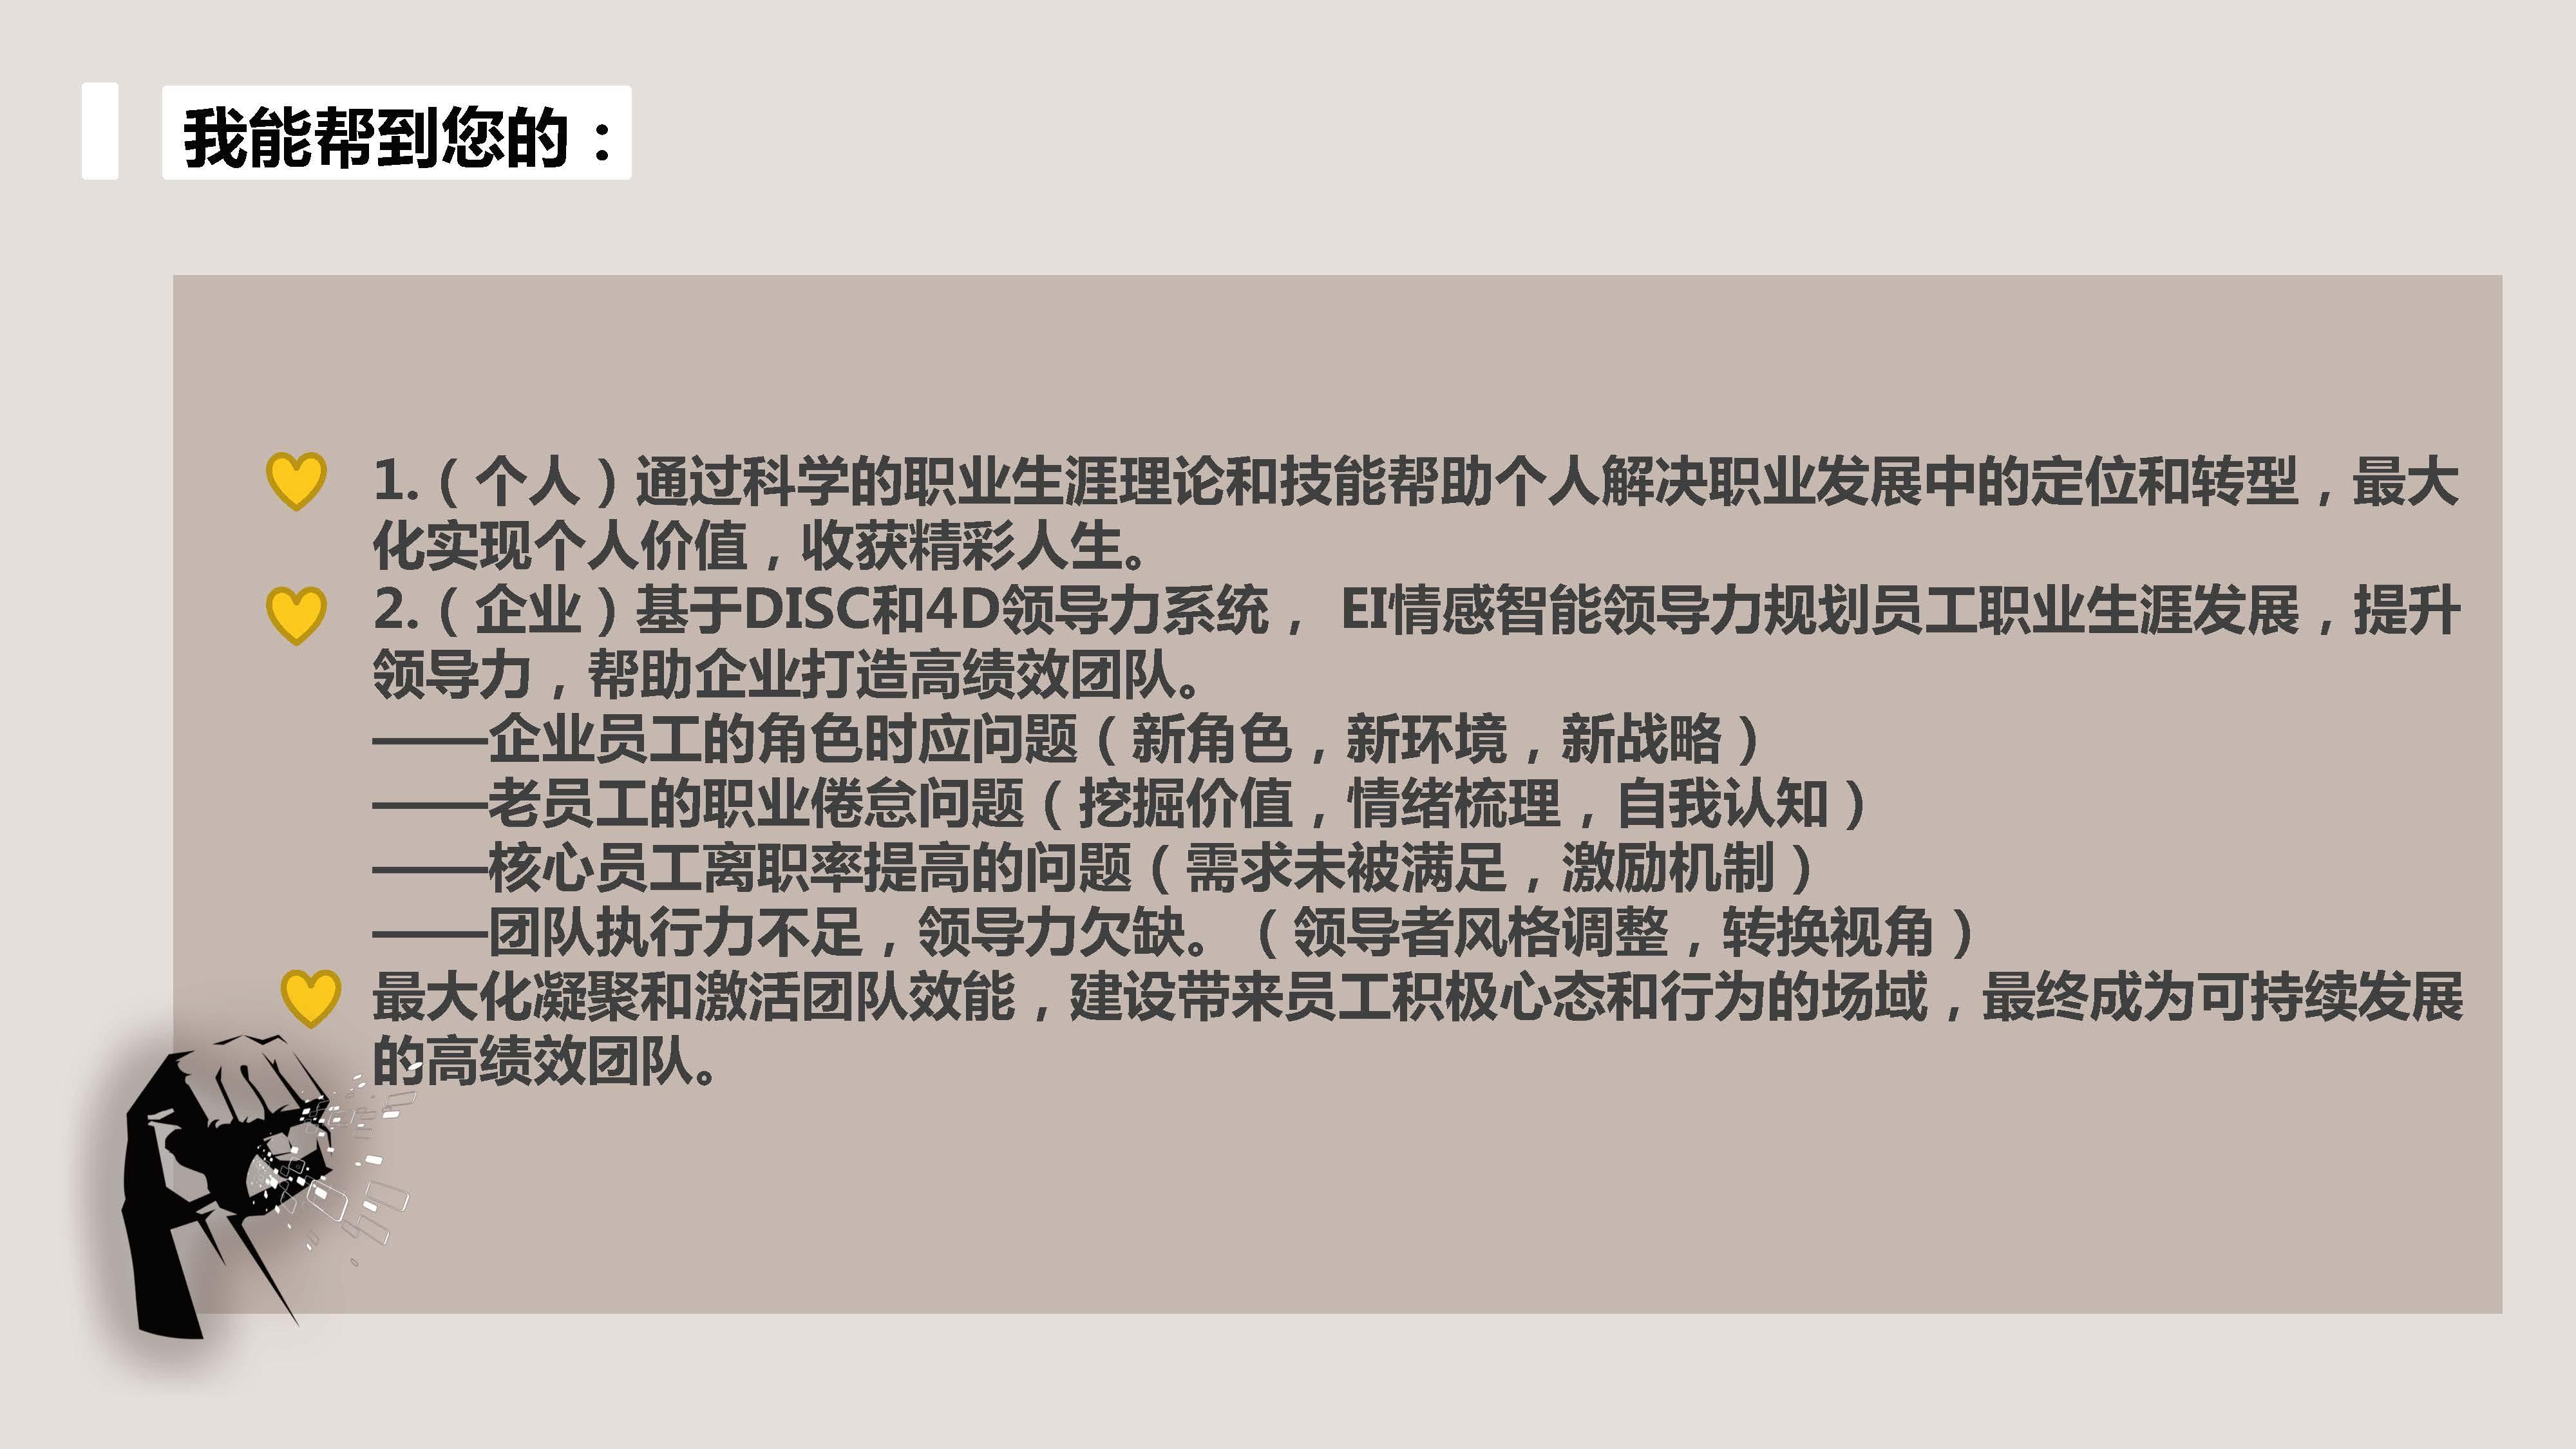 方老师简介通用版的副本_页面_03